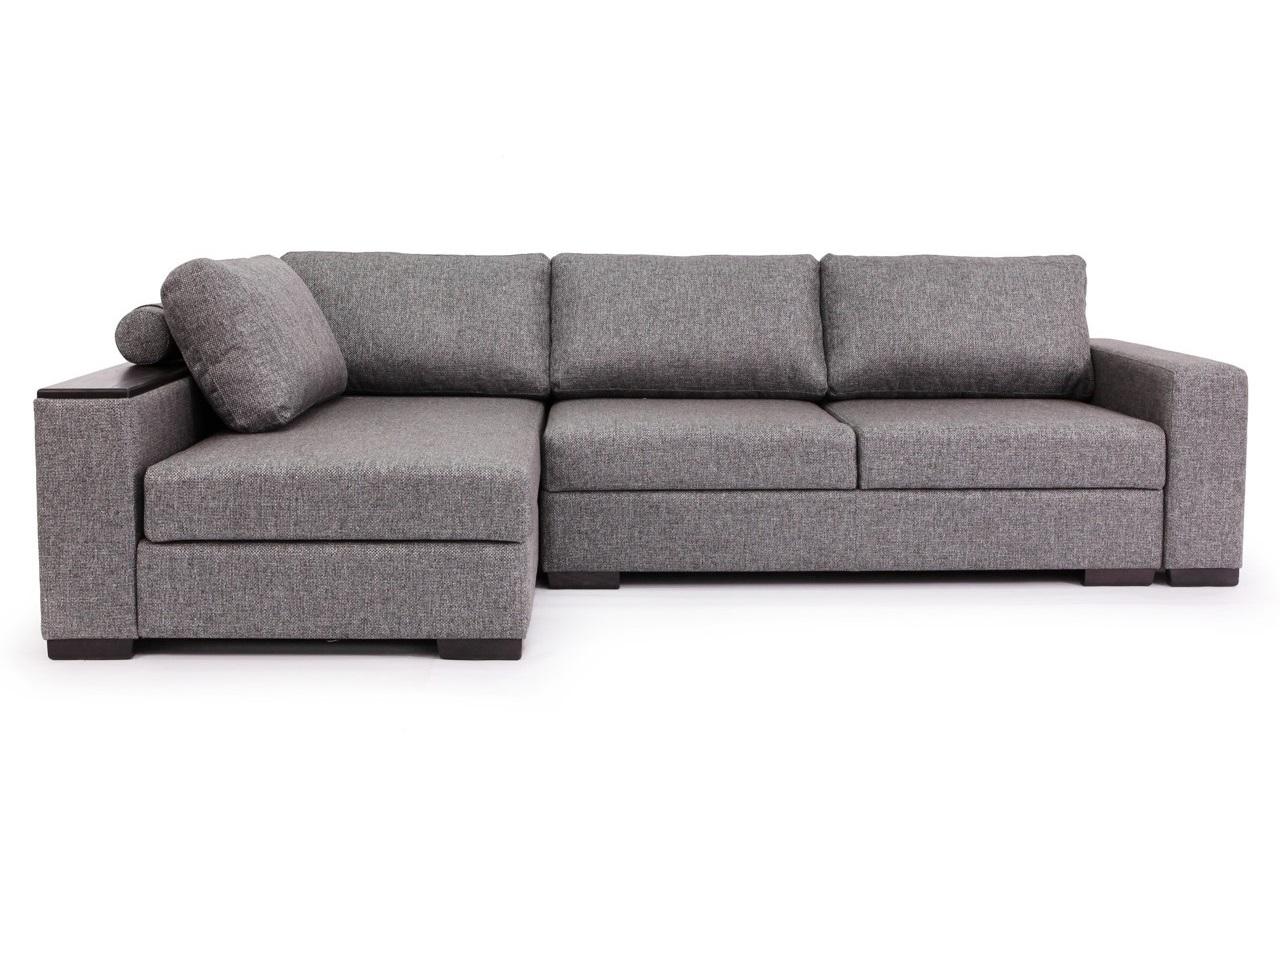 """Диван НеапольУгловые раскладные диваны<br>Угловой диван европейского стиля """"Неаполь"""" подойдет для самых разных помещений с практически любым интерьерным решением, ведь дизайн этой модели выгодно подчеркивает достоинства как классического, так современного интерьера. Практичный, функциональный и исключительно удобный диван """"Неаполь"""" - один из самых лучших диванов для сна, обладающий просторным и идеально ровным спальным местом.&amp;lt;div&amp;gt;&amp;lt;br&amp;gt;&amp;lt;/div&amp;gt;&amp;lt;div&amp;gt;Спальное место на каждый день размером 250х150 см.&amp;amp;nbsp;&amp;lt;/div&amp;gt;&amp;lt;div&amp;gt;Механизм раскладывания в &amp;quot;одно движение&amp;quot; (Пума).&amp;lt;/div&amp;gt;&amp;lt;div&amp;gt;Отсек для хранения белья.&amp;lt;/div&amp;gt;&amp;lt;div&amp;gt;Декоративные подушки в комплект не входят.&amp;amp;nbsp;&amp;lt;/div&amp;gt;&amp;lt;div&amp;gt;Большой выбор обивочных тканей (подробности уточняйте у менеджера).&amp;lt;br&amp;gt;&amp;lt;/div&amp;gt;<br><br>Material: Текстиль<br>Ширина см: 297<br>Высота см: 90<br>Глубина см: 177"""